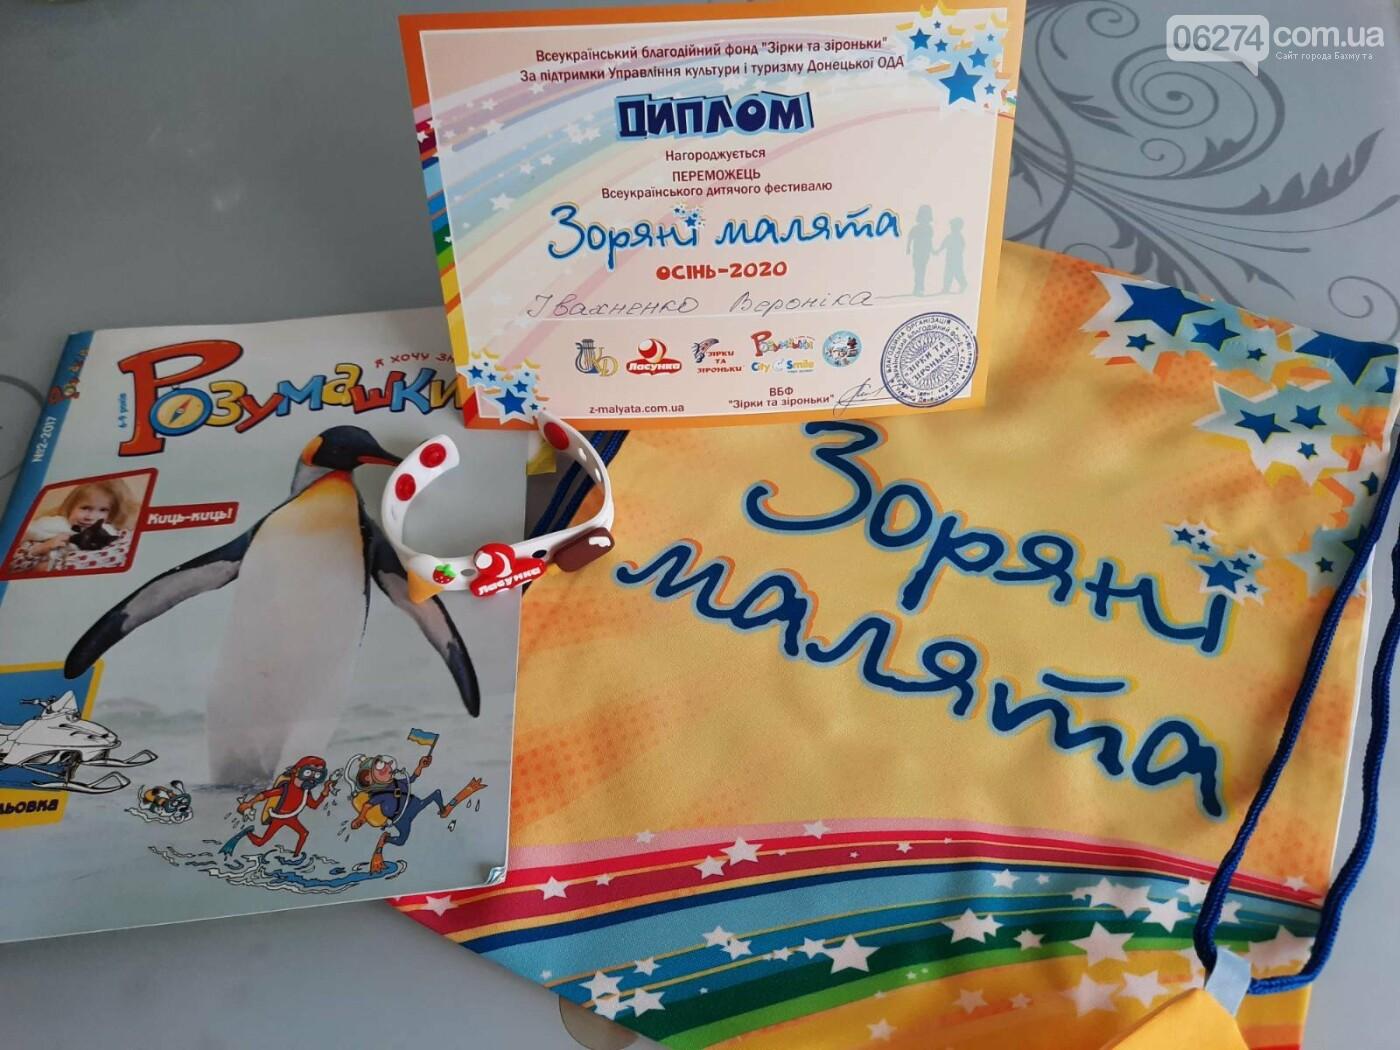 Дошкольники Бахмутской ОТГ стали лучшими на фестивале «Зоряні малята», фото-9